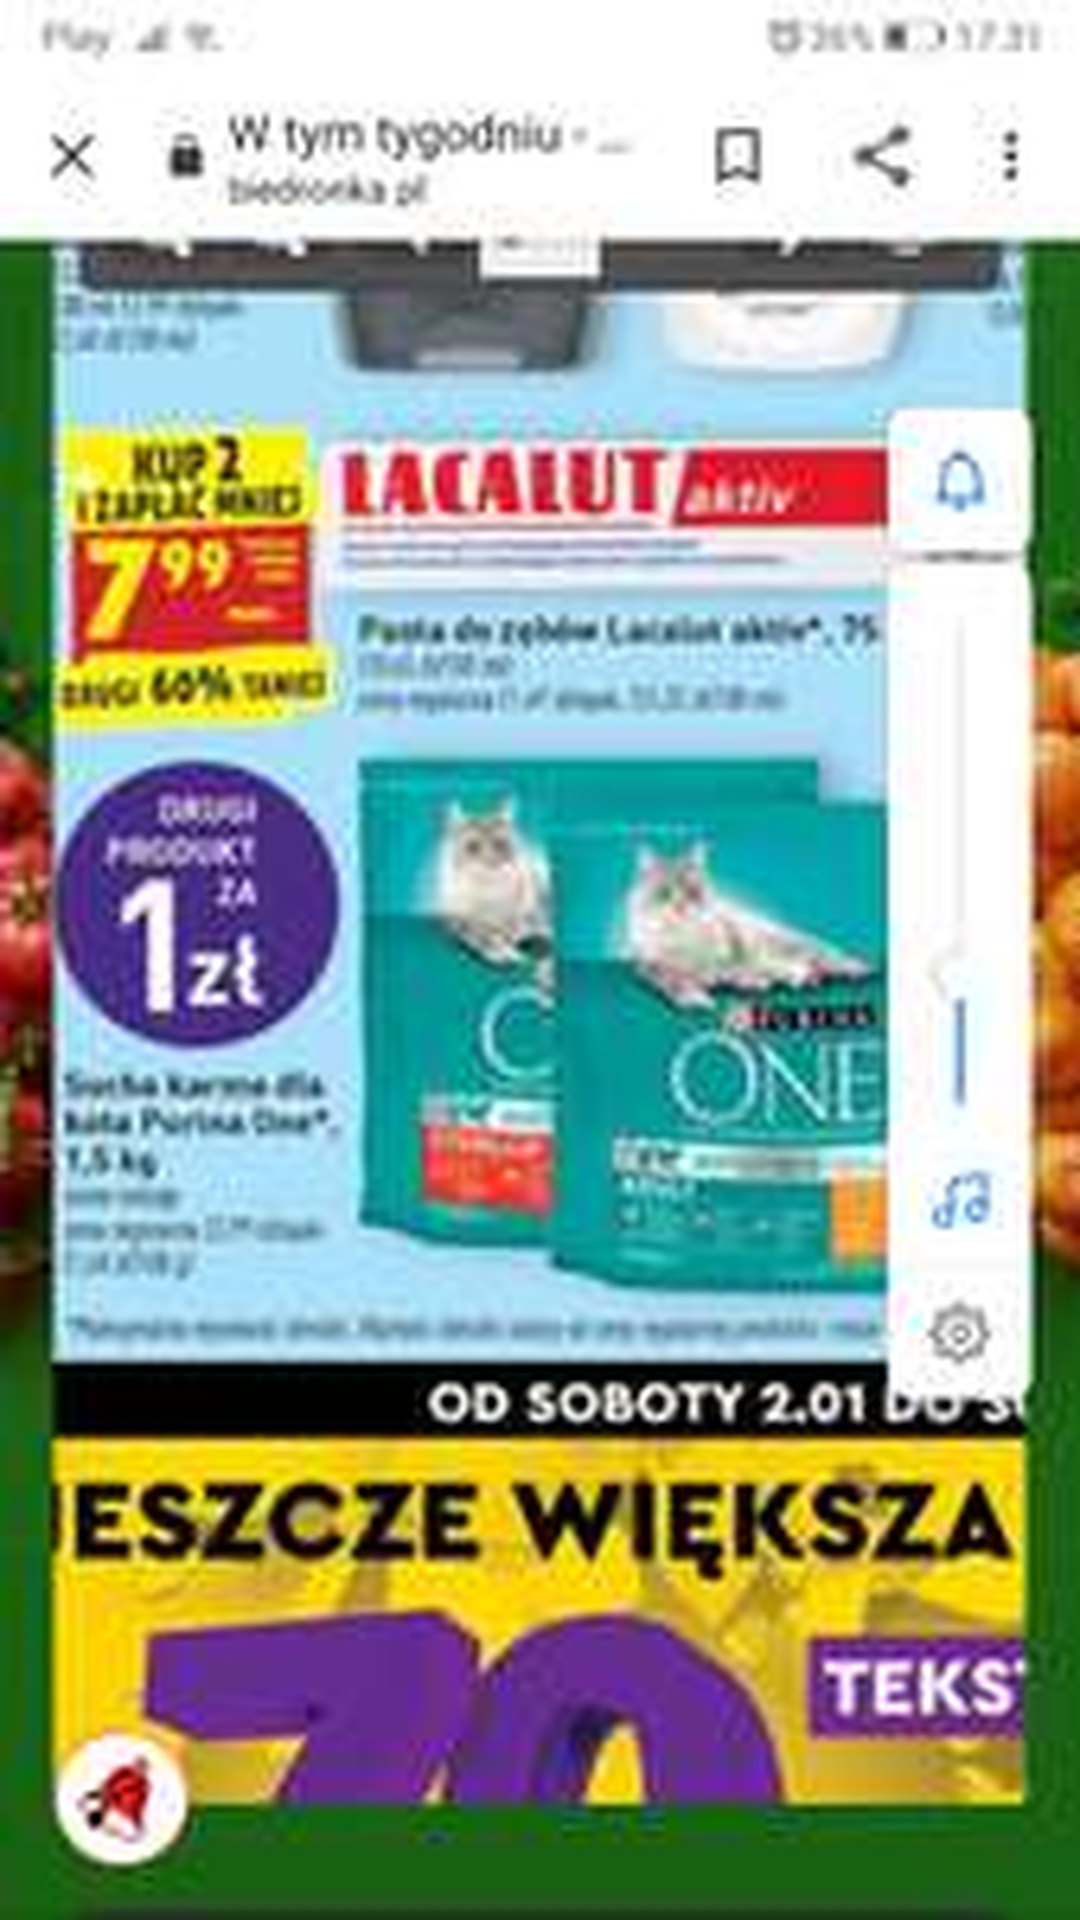 Sucha karma dla kota Purina One różne rodzaje 3 kg.